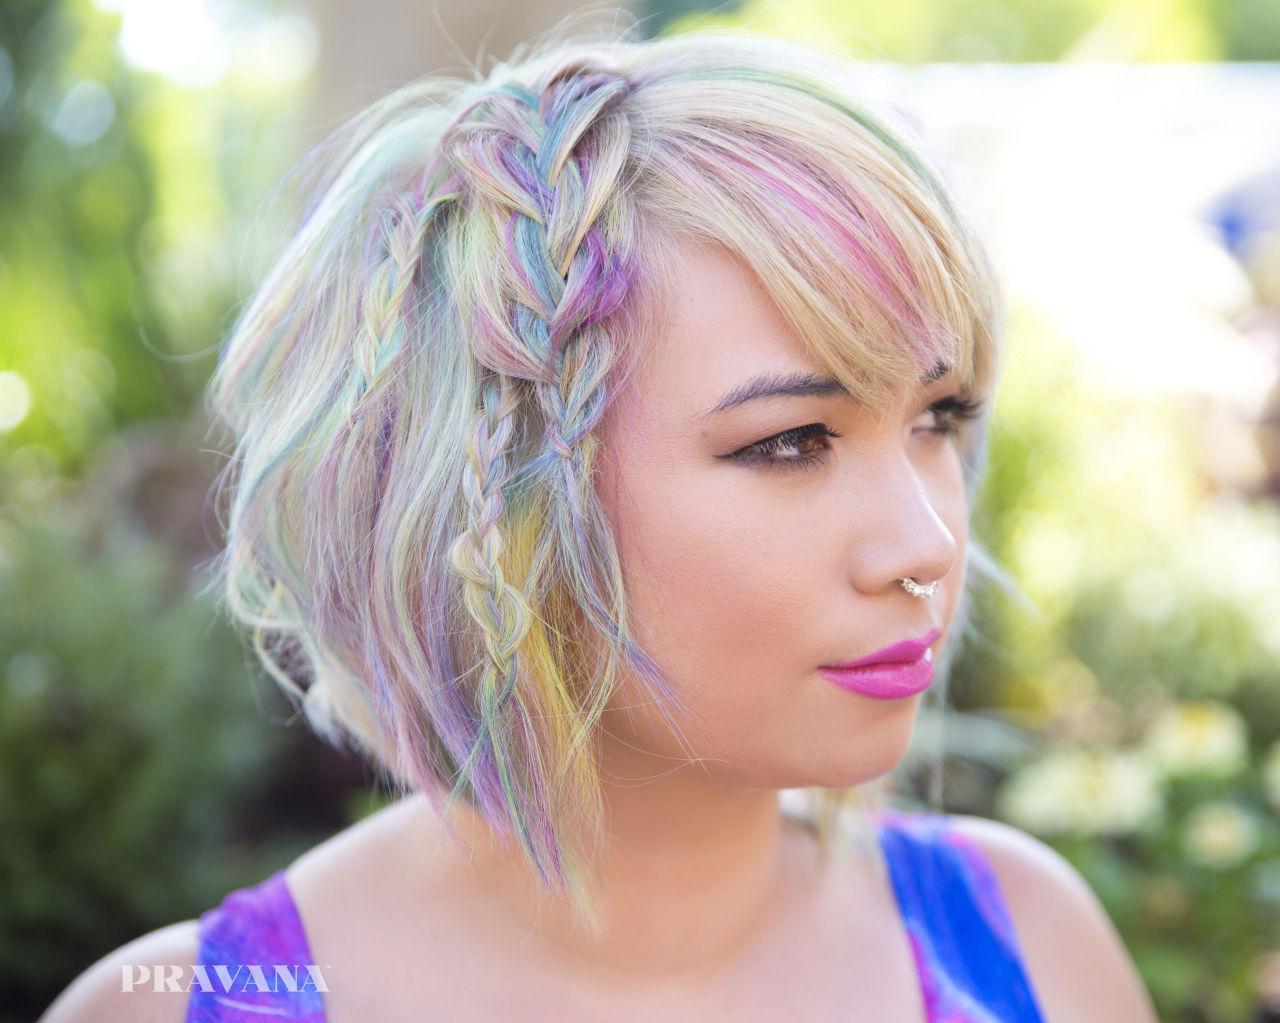 Yeni Yılın Ilk Renkli Saç Trendi Geldi Sulu Boya Saçlar Onediocom